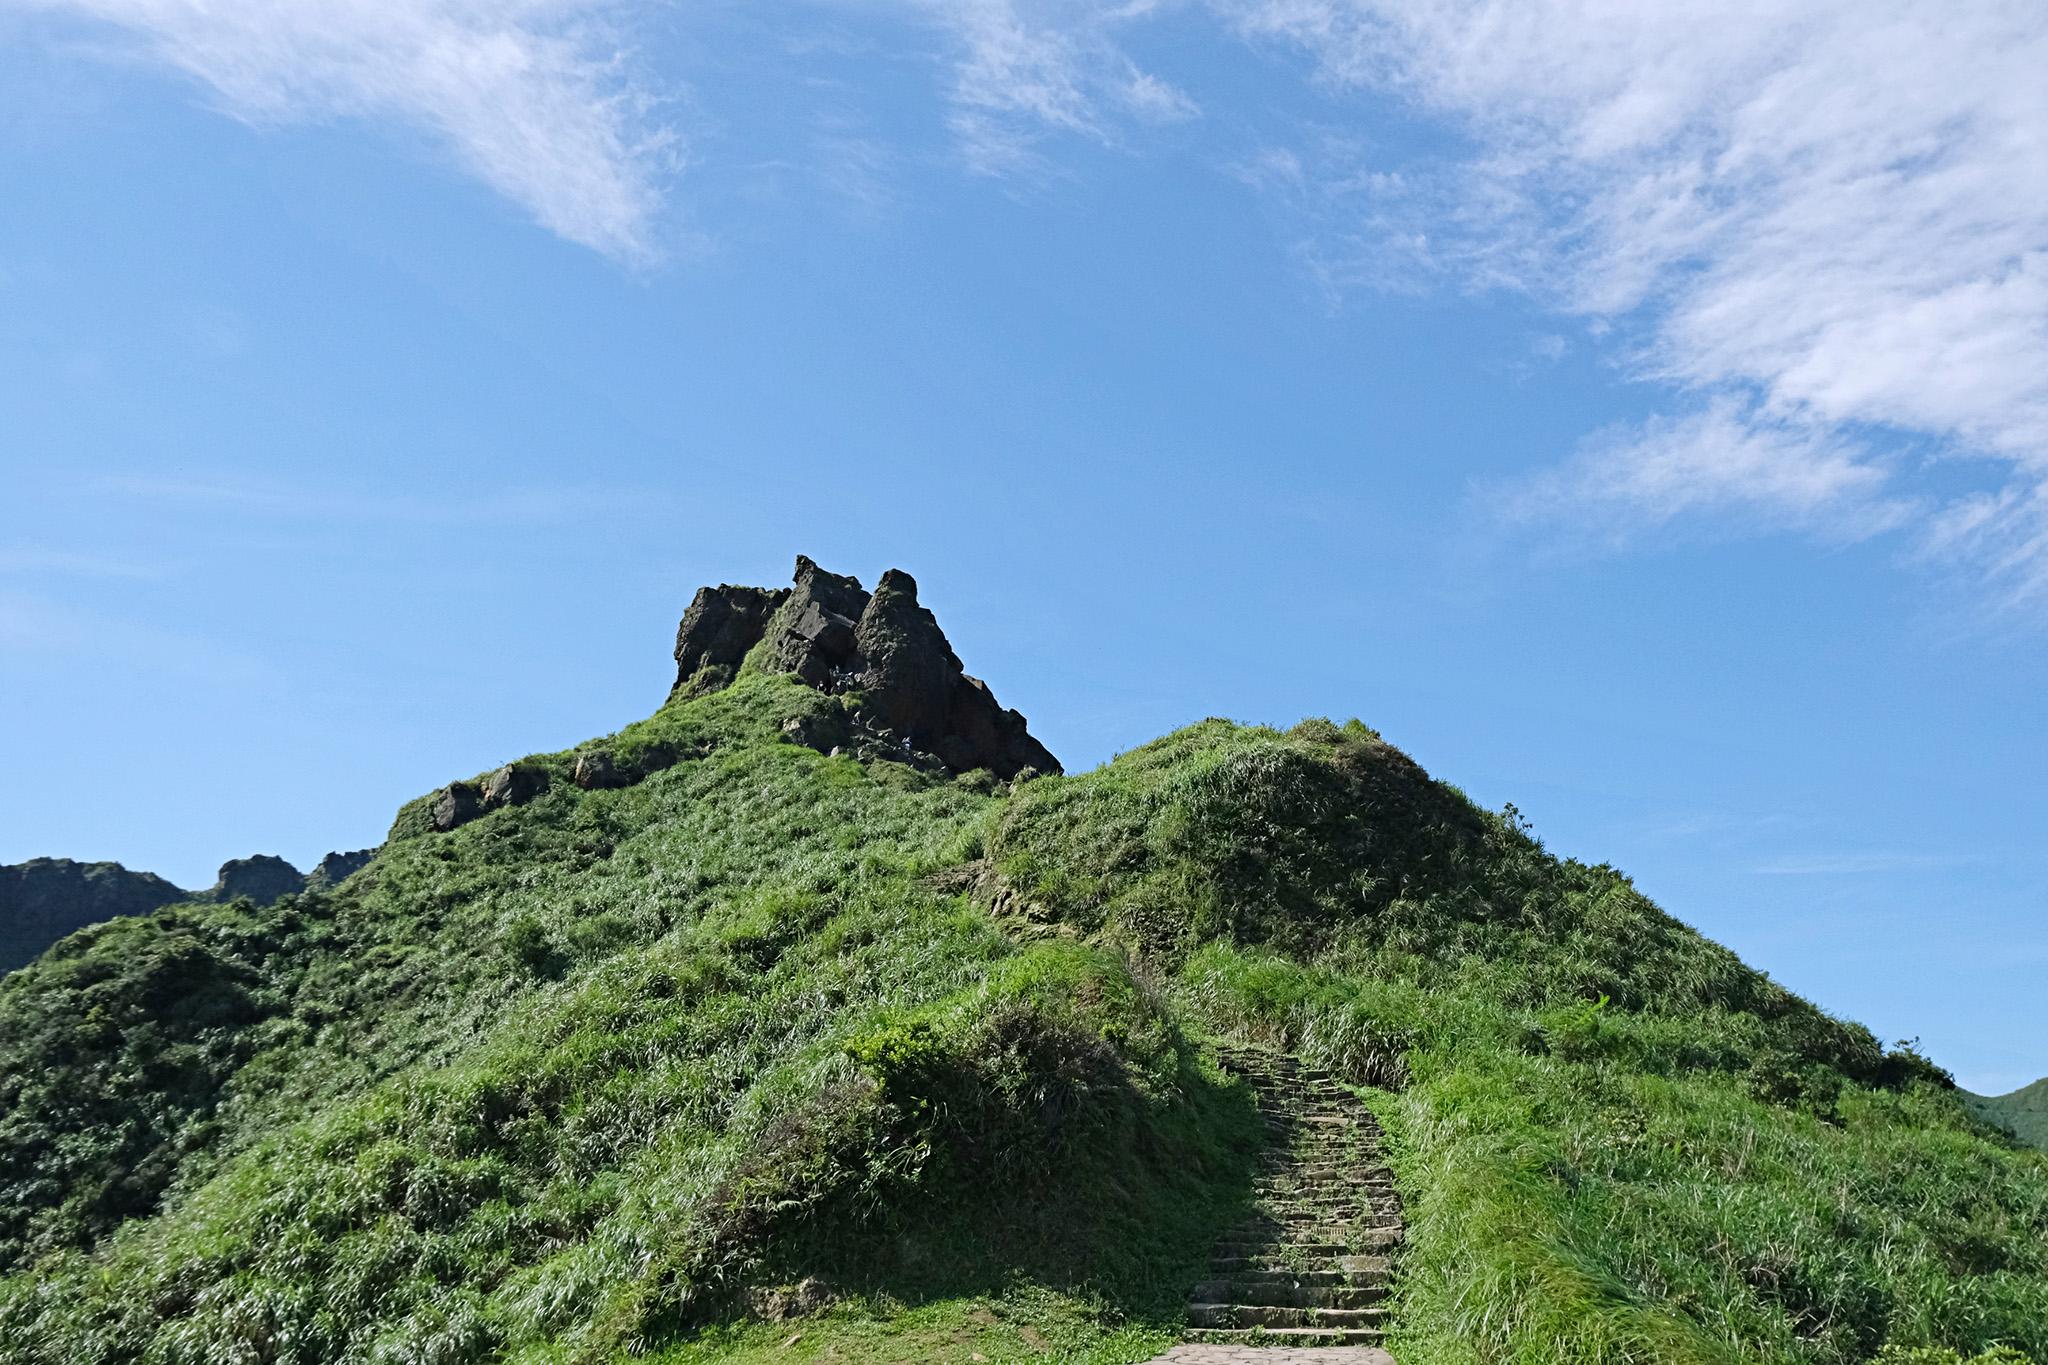 新北・瑞芳|一踏六坑斜坡索道與無耳茶壺山步道,尋探交織山海中的往日年華(下)